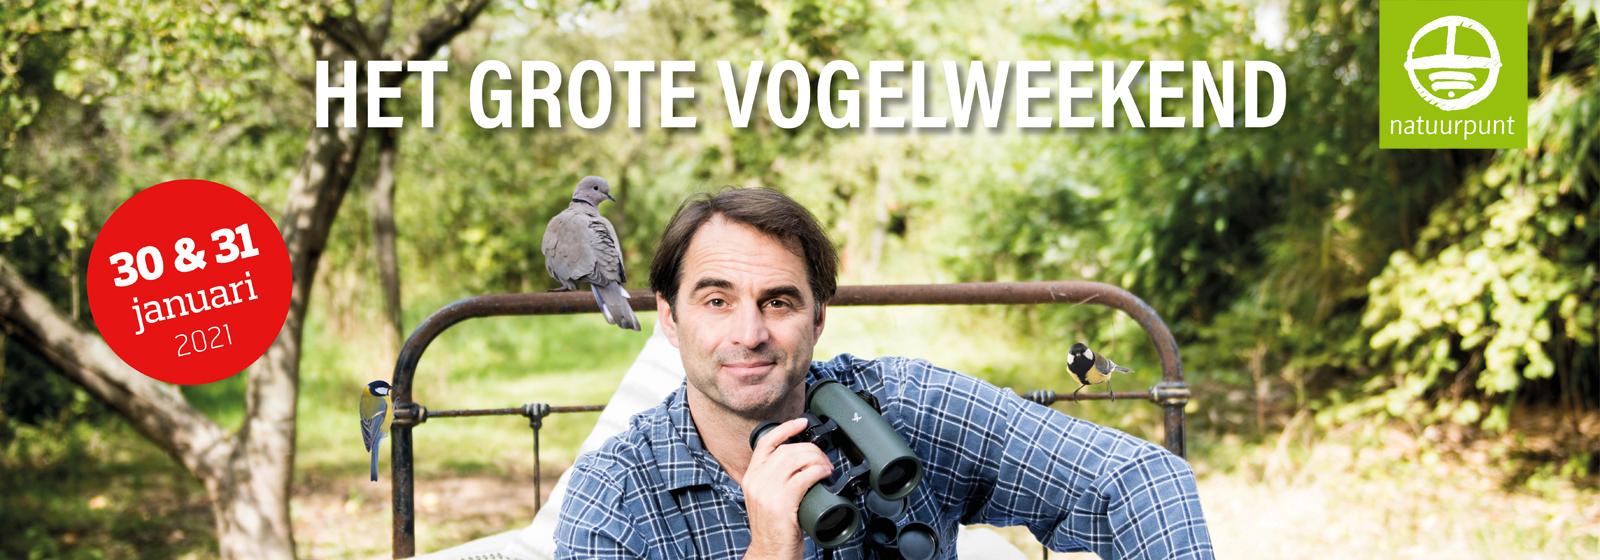 Het Grote Vogelweekend van Natuurpunt